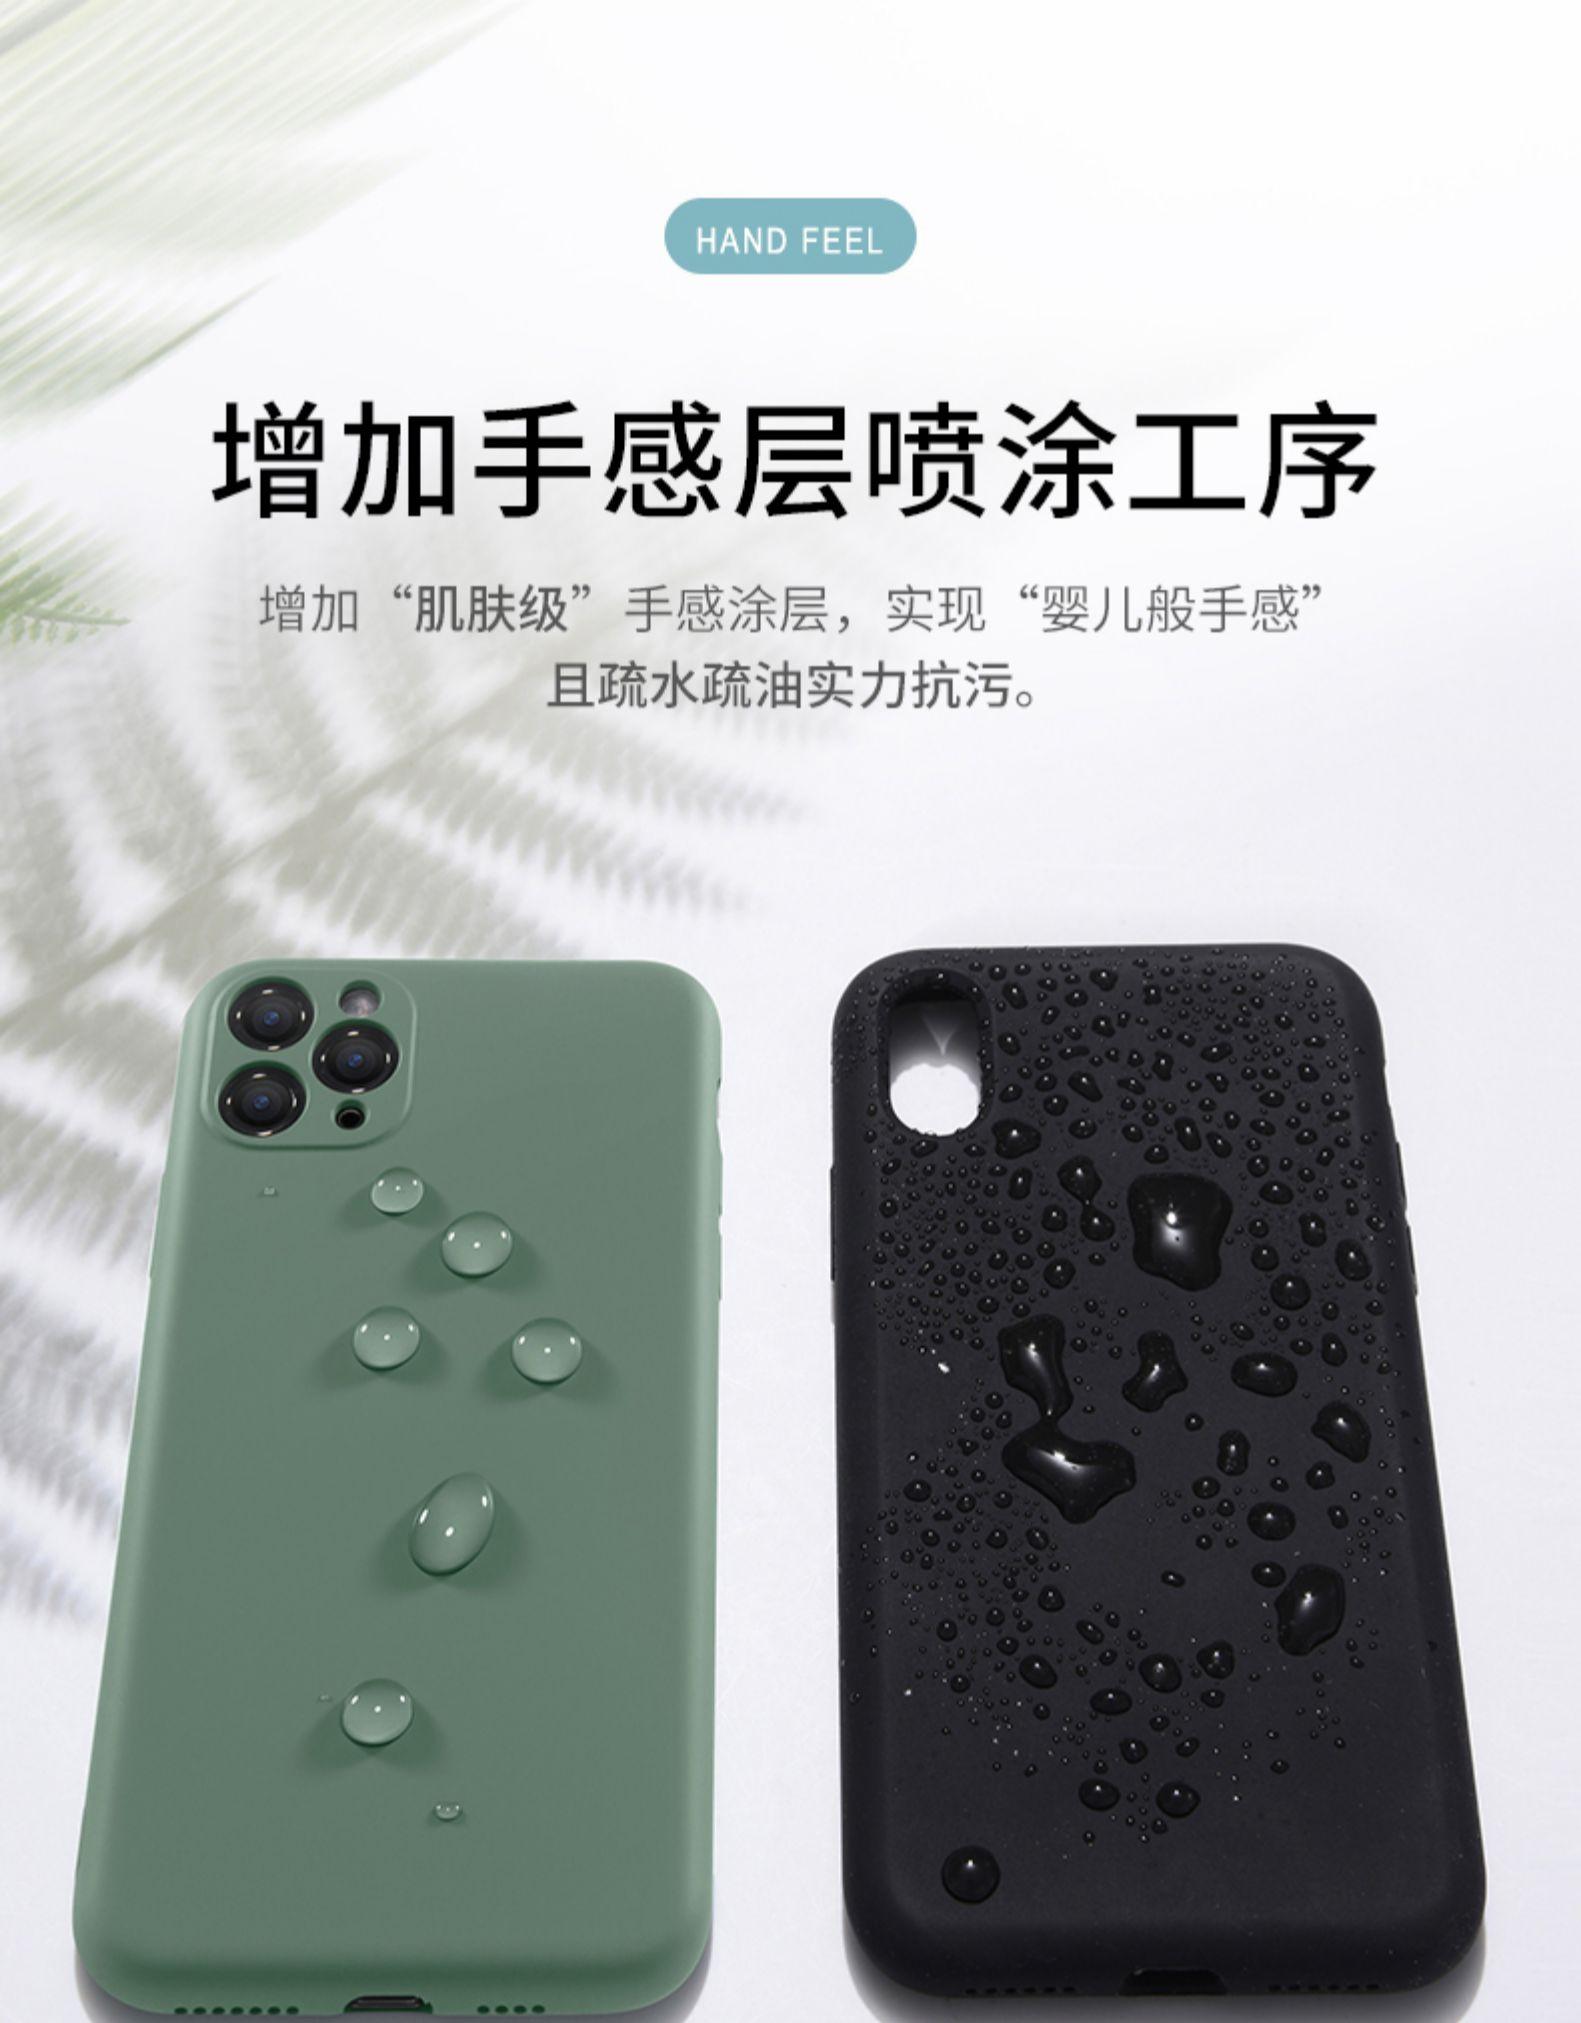 bao da điện thoại Máy tính Apple 11 để bảo vệ kính hoàn toàn.....liquid silicon Iphone 11pro đặt cho